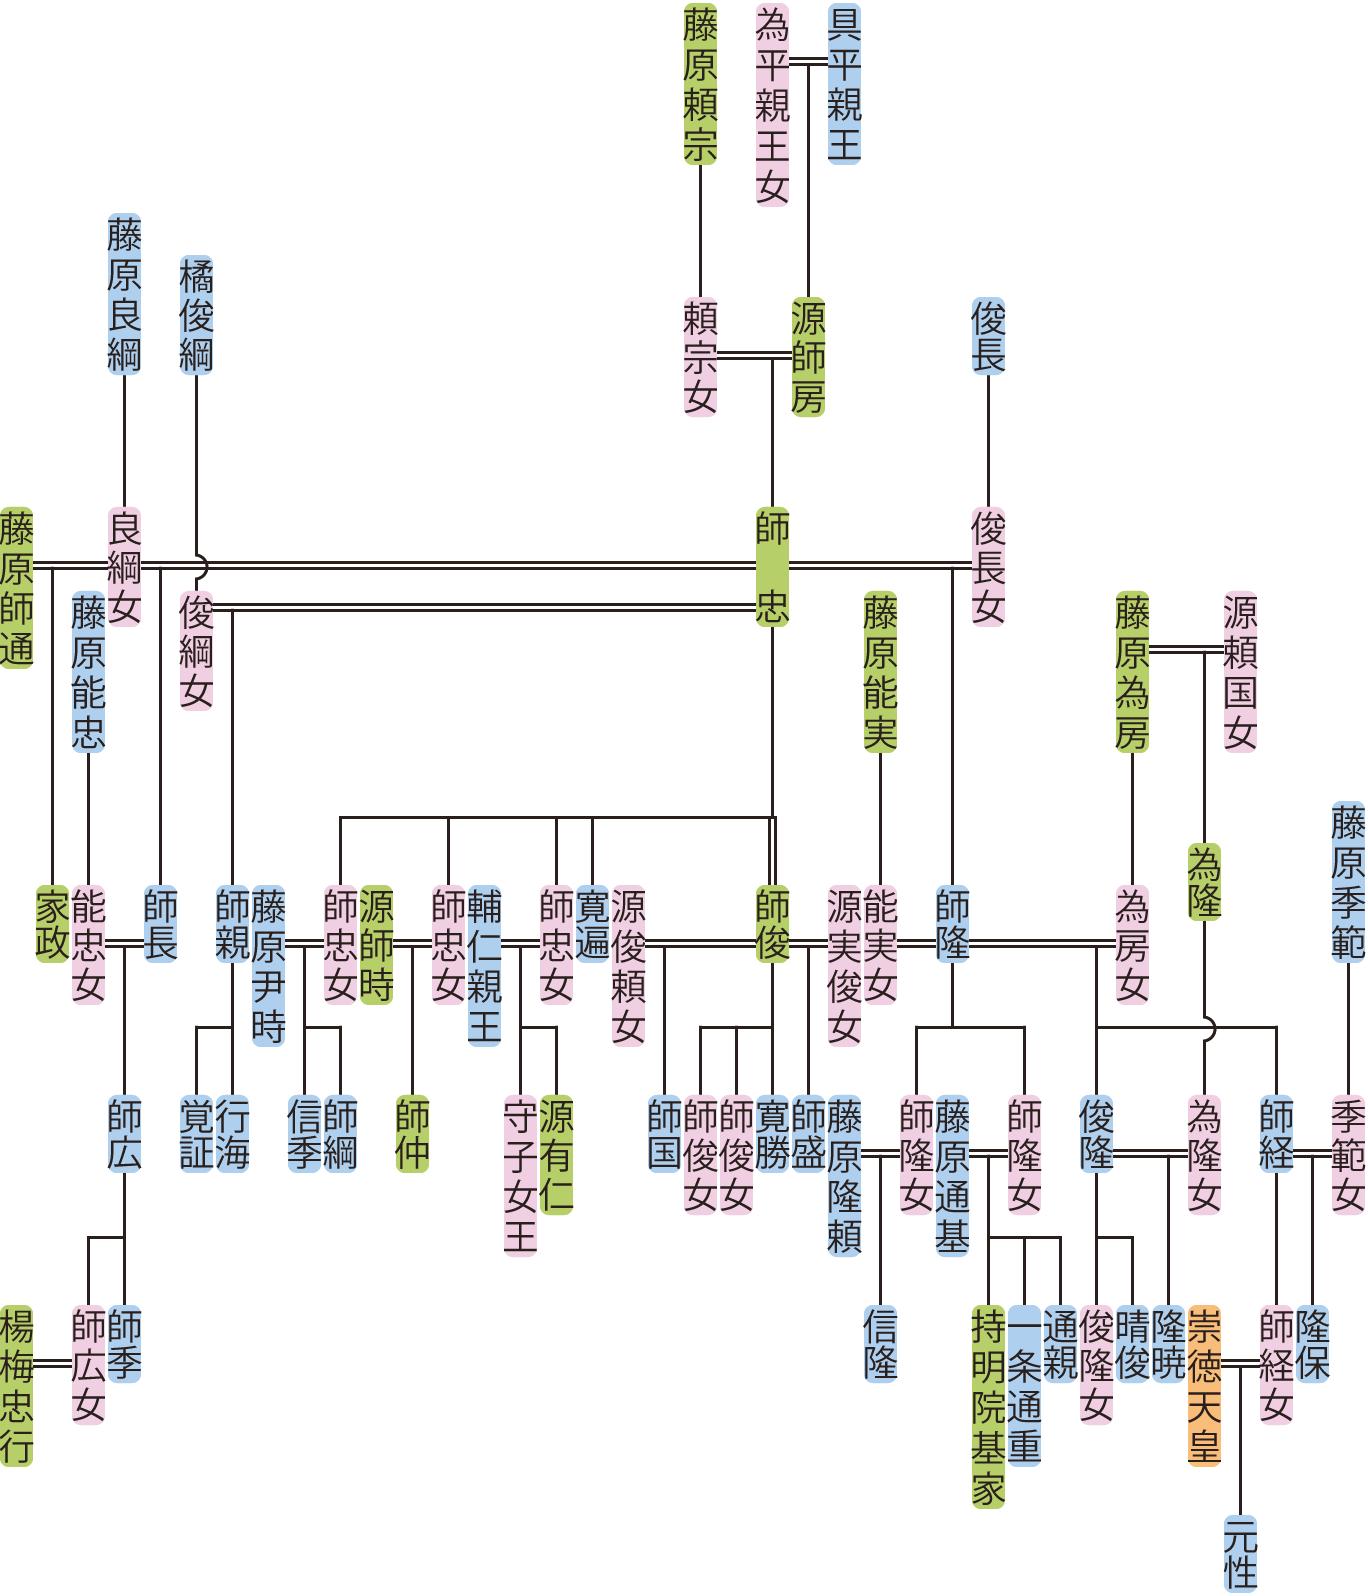 源師忠の系図